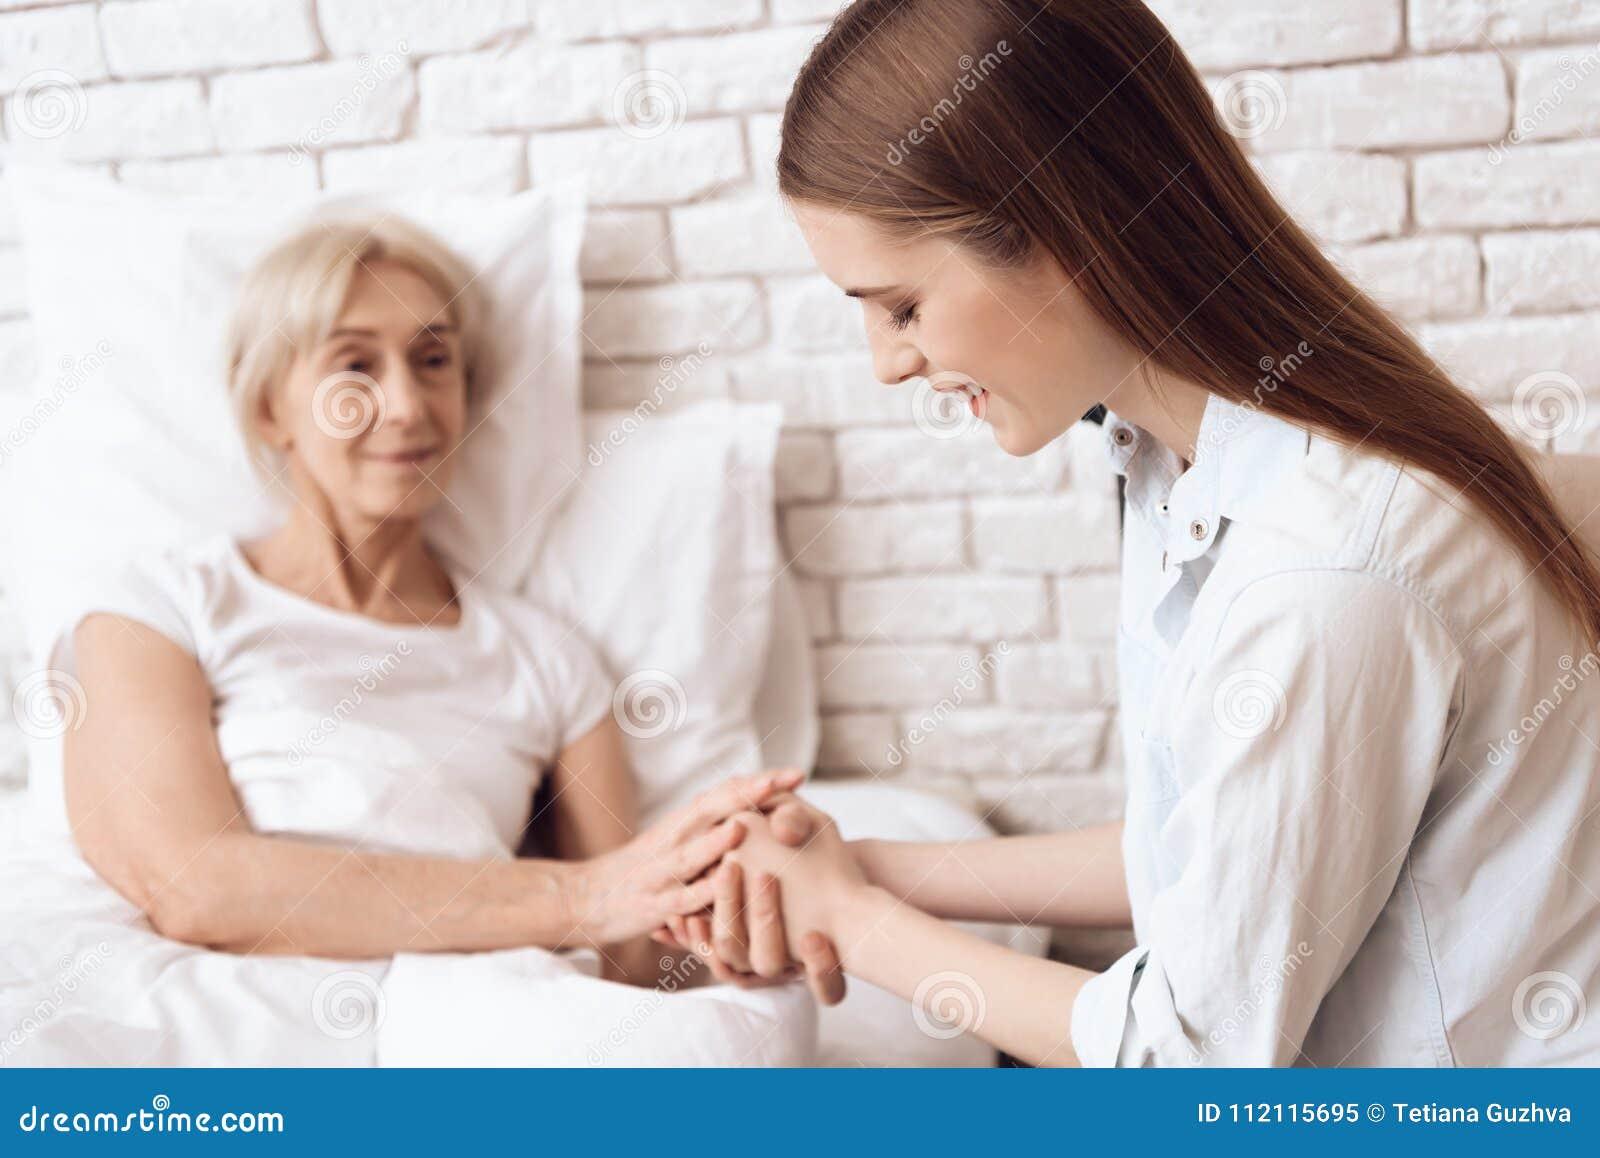 La fille s occupe de la femme agée à la maison Elles tiennent des mains